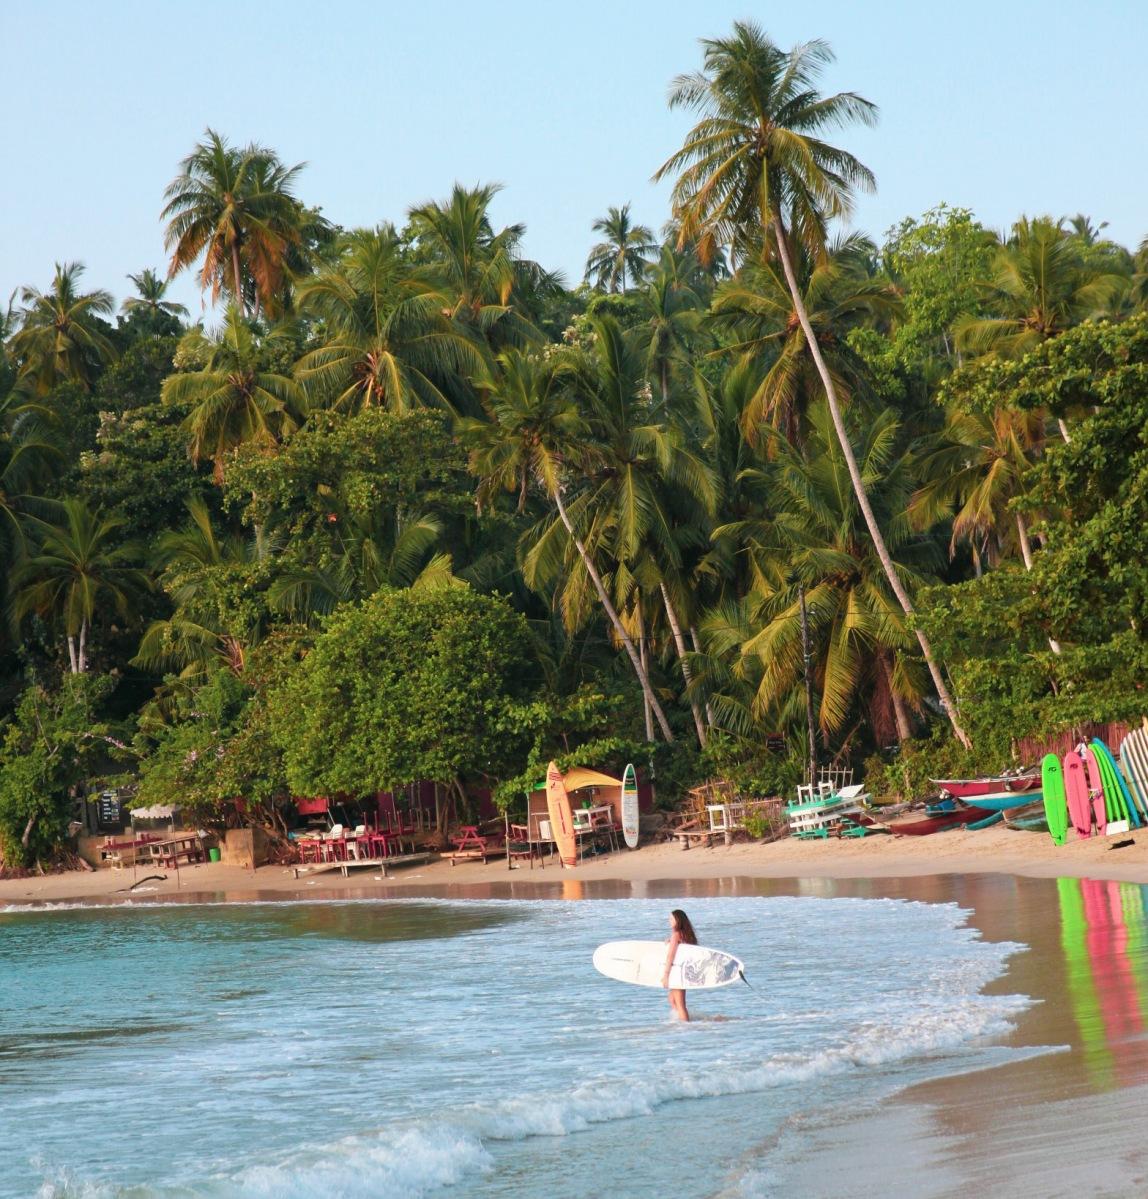 Avslappende kystferie på Sri Lanka